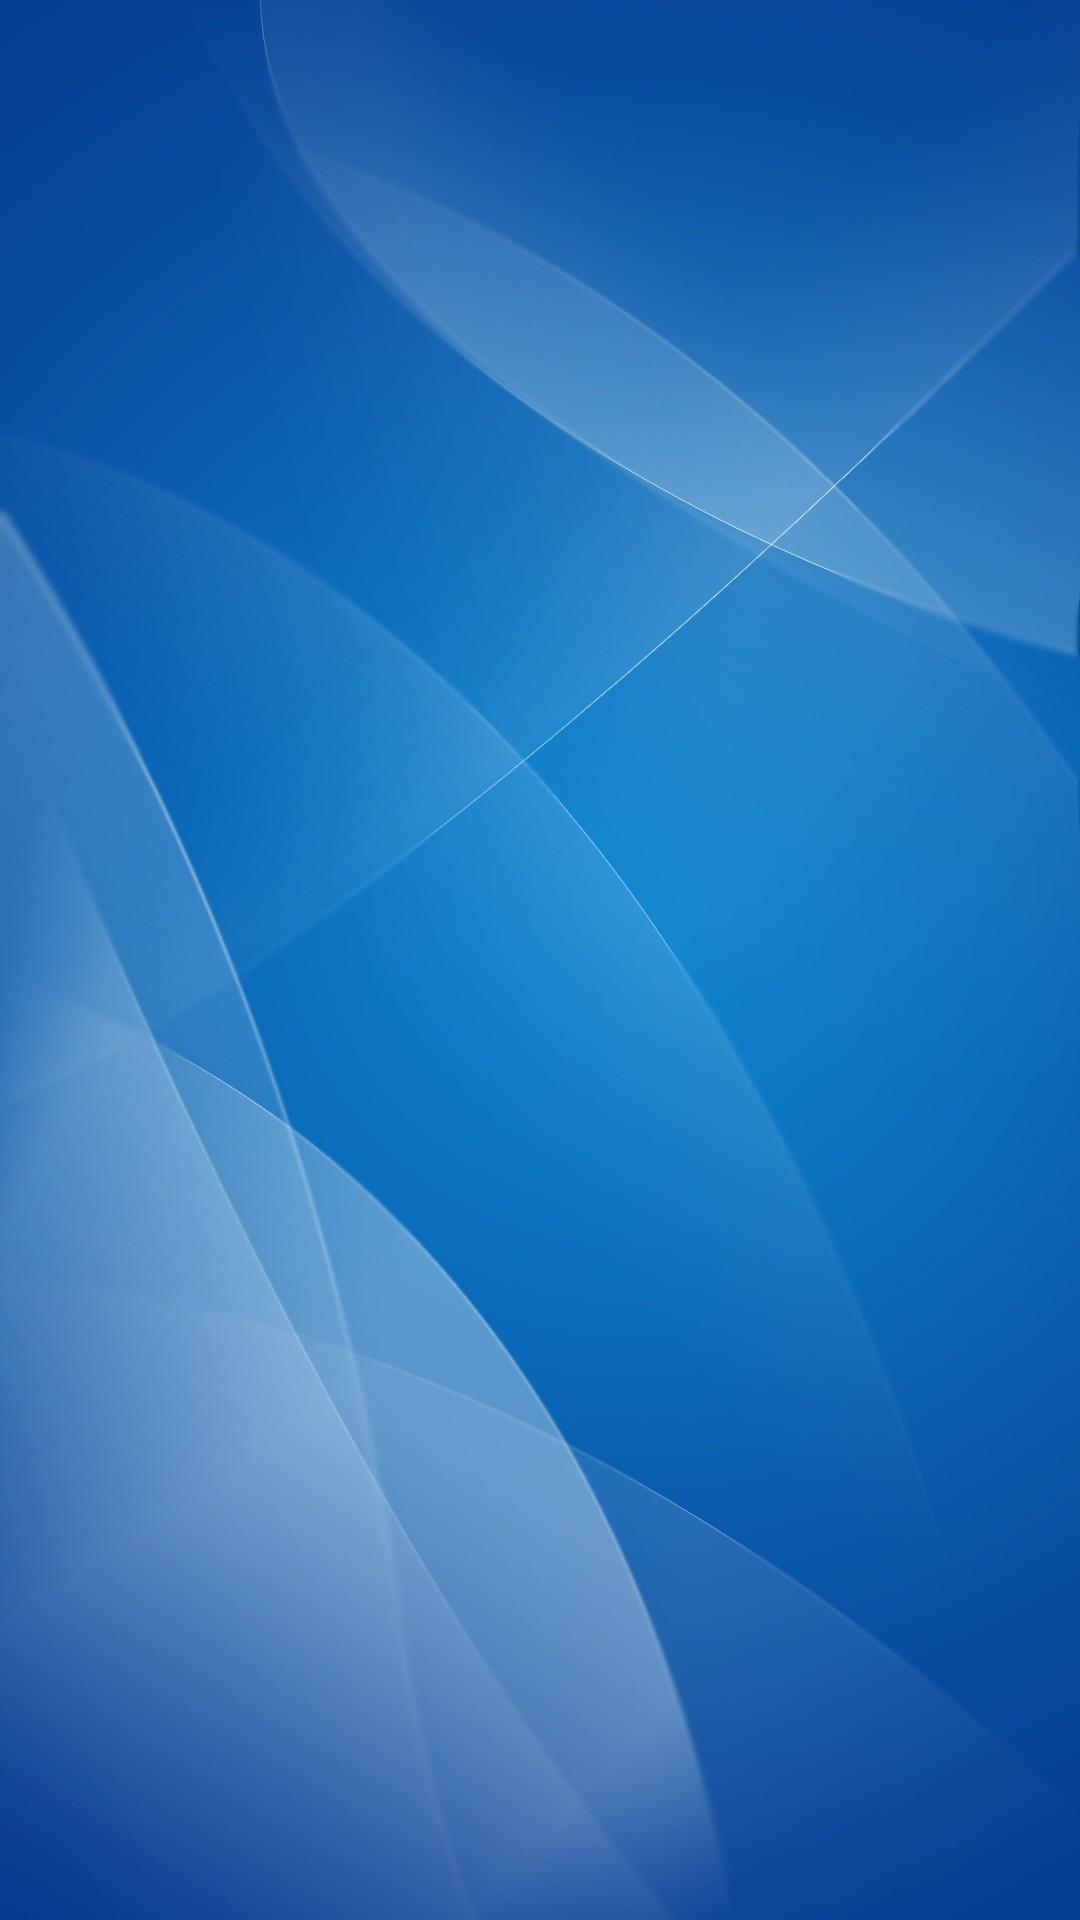 Dark Blue Wallpaper Iphone 5 Resolution - Dark Blue Wallpaper On Iphone - HD Wallpaper